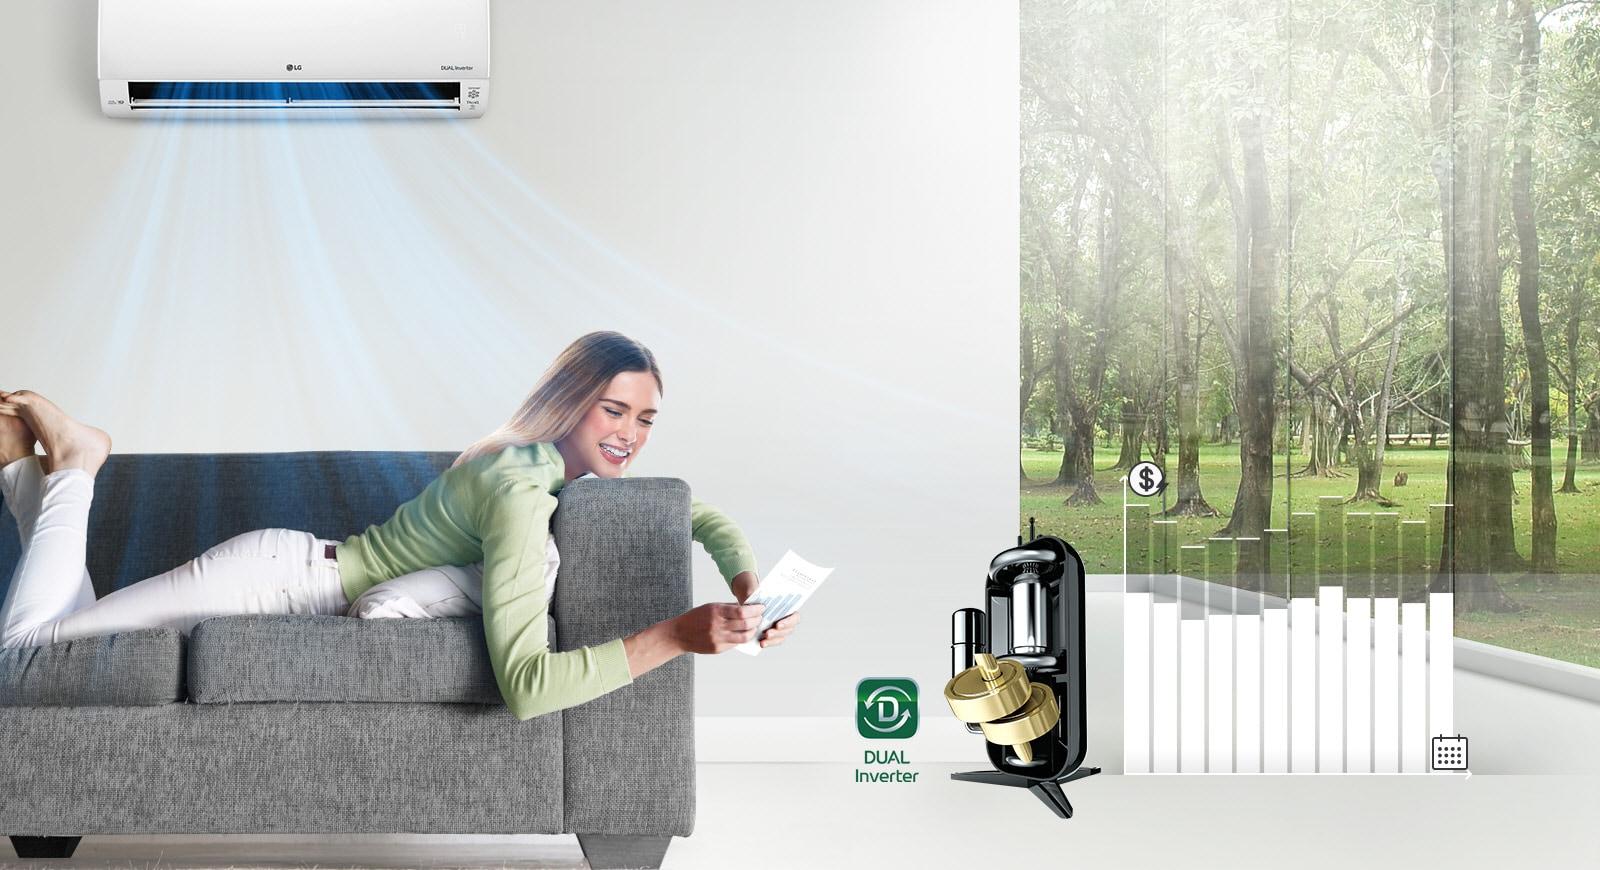 空調在上方流出空氣時,女人坐在沙發上休息微笑。女人右側是雙變頻標誌和雙變頻圖片。更右側是條狀圖。上升的條狀顯示支出更高的電費,而下降的條狀顯示雙變頻節省更多的電費。